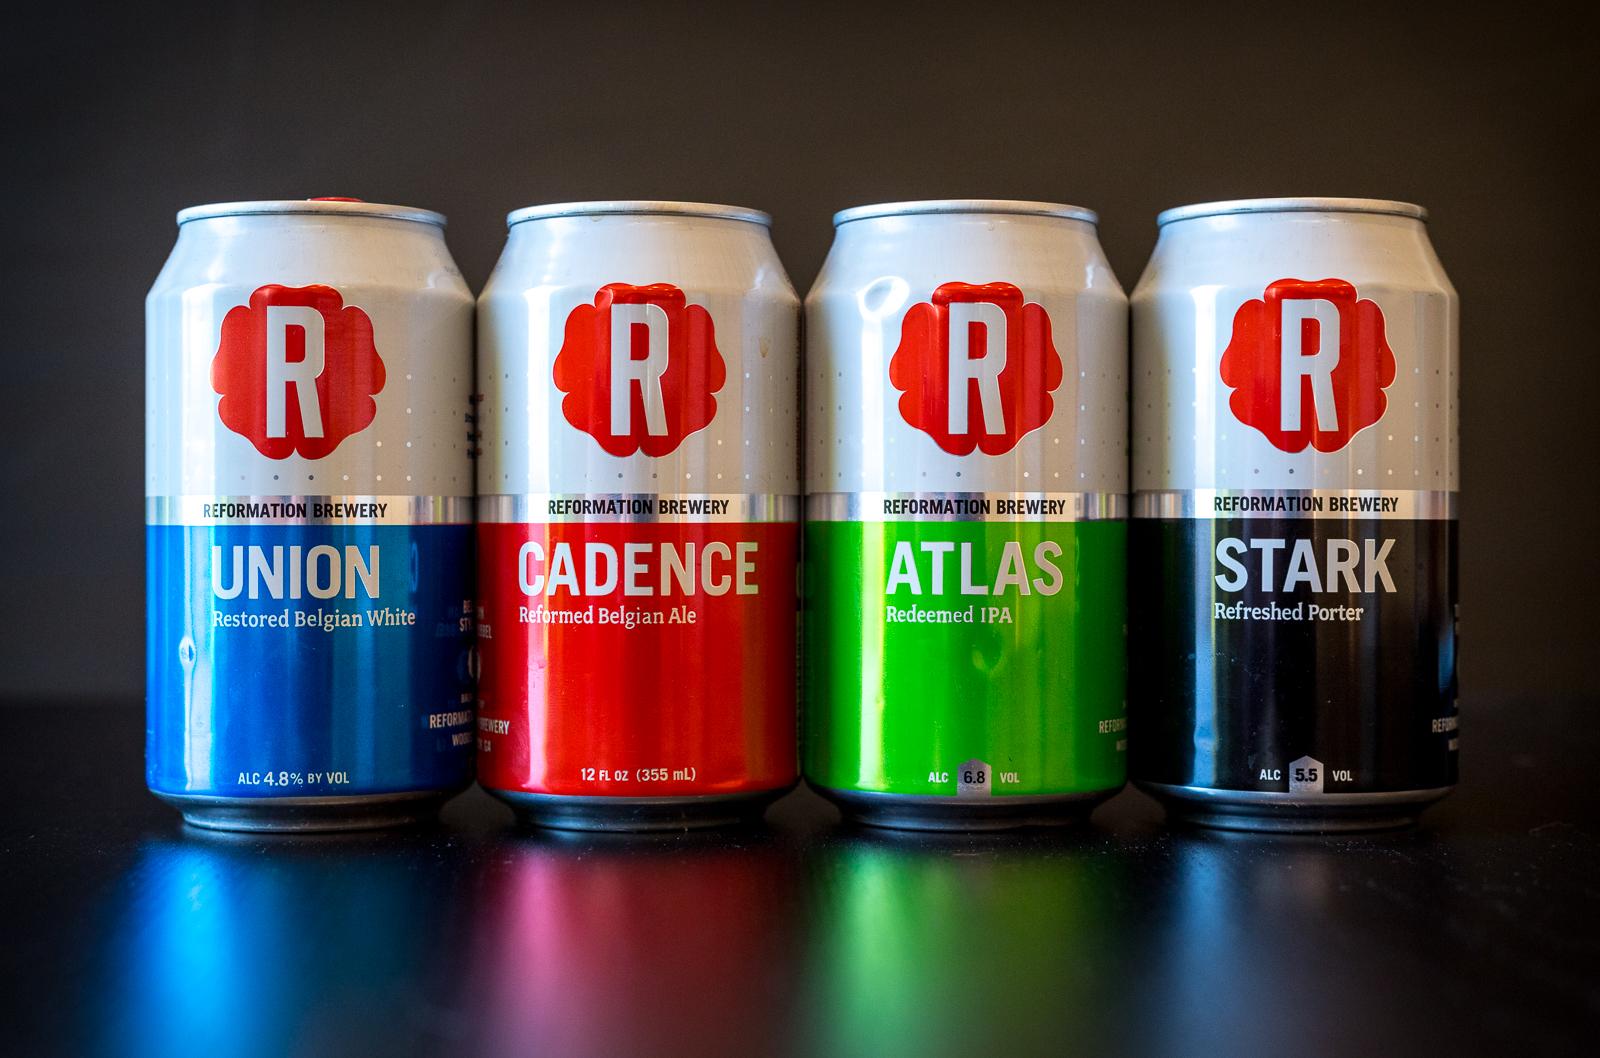 Reformation Brewery Beers